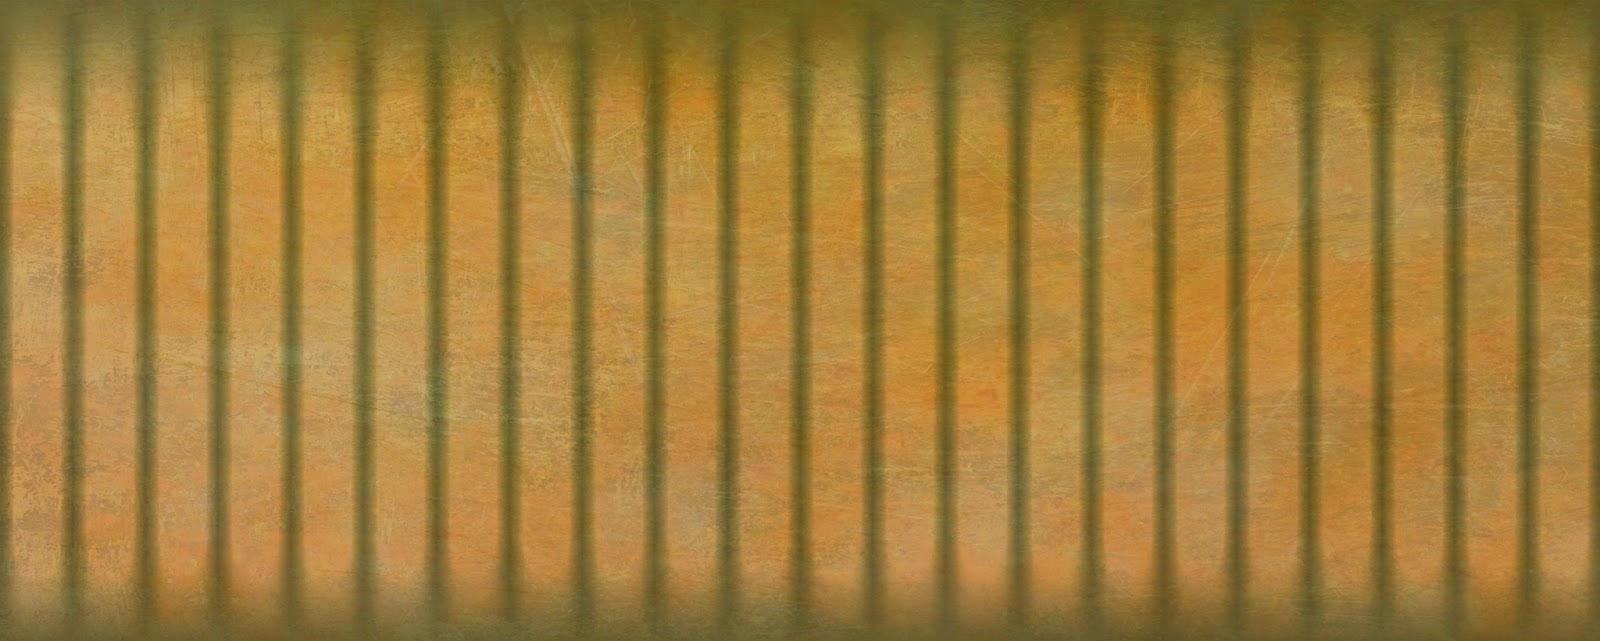 Pumpkin_texture+copy.jpg